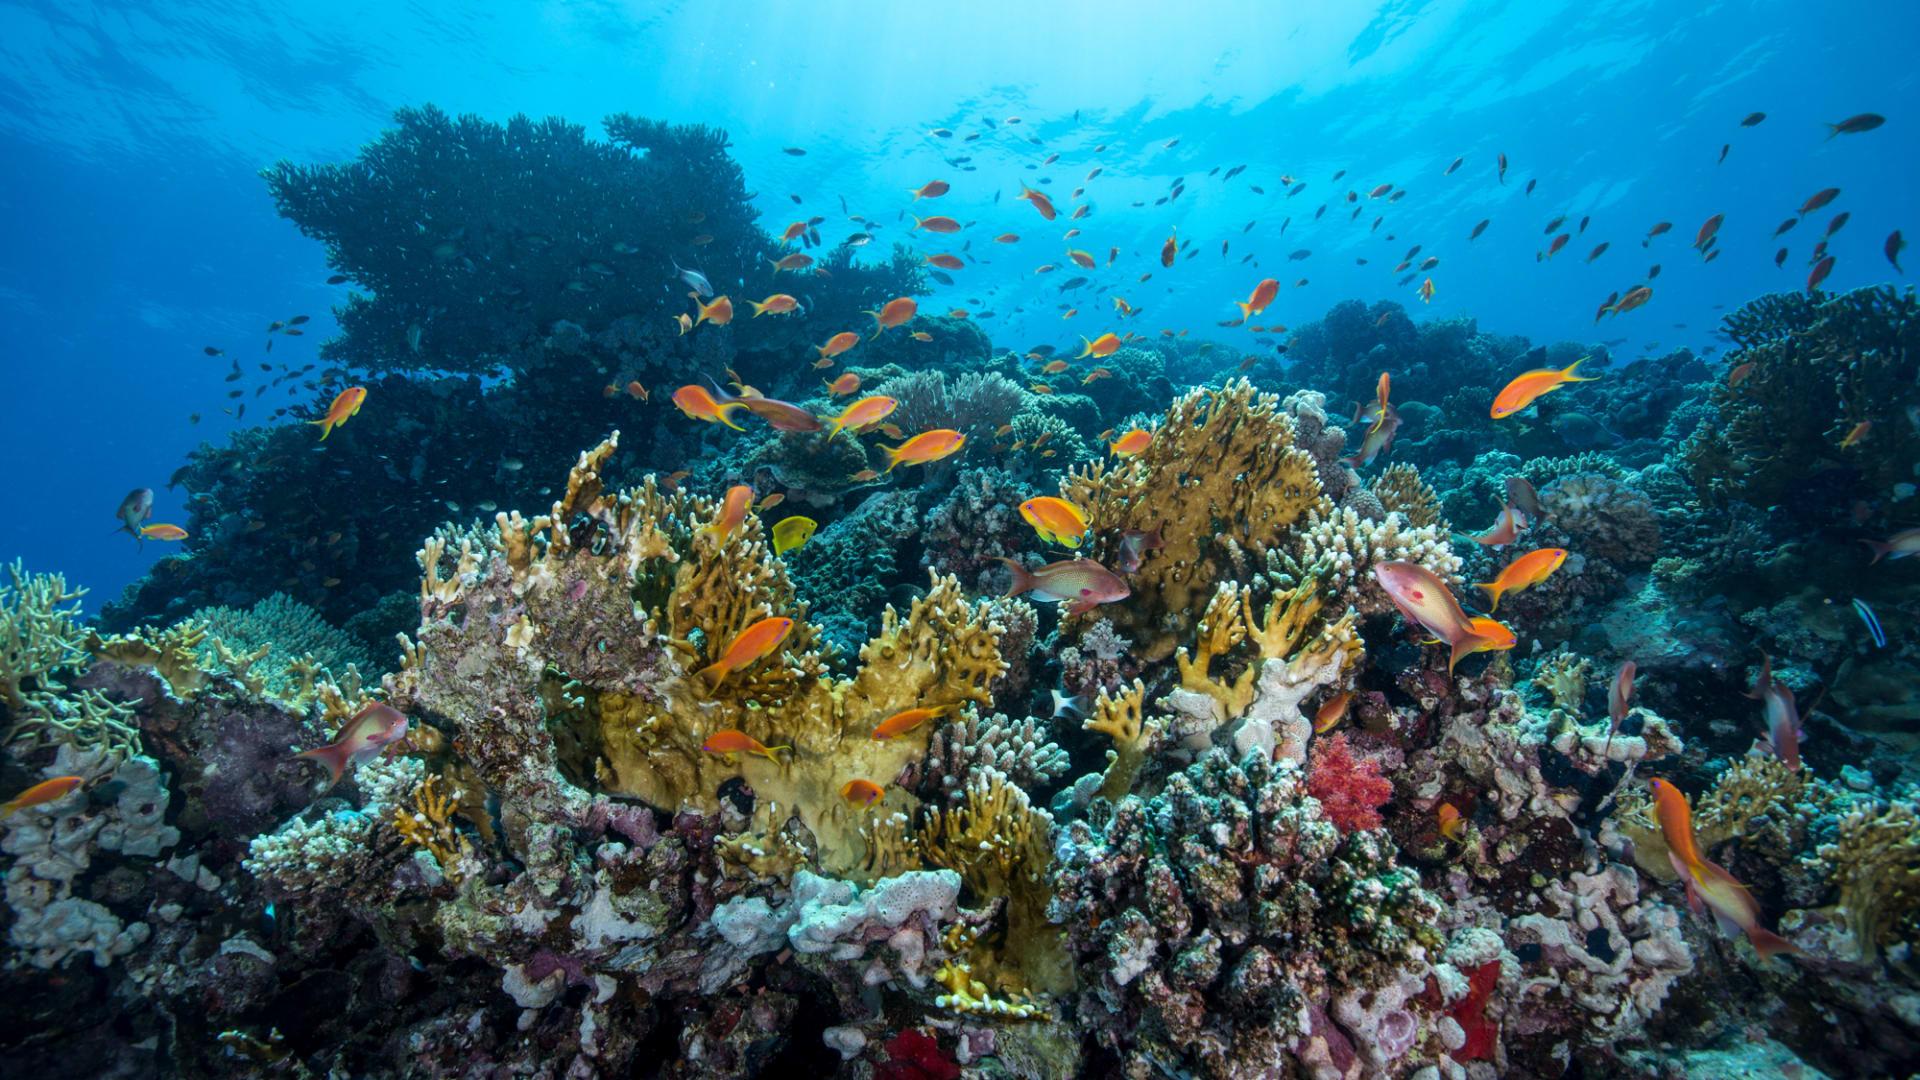 رابع أكبر حيد مرجاني في العالم - السعودية - البحر الأحمر - مشروع البحر الأحمر